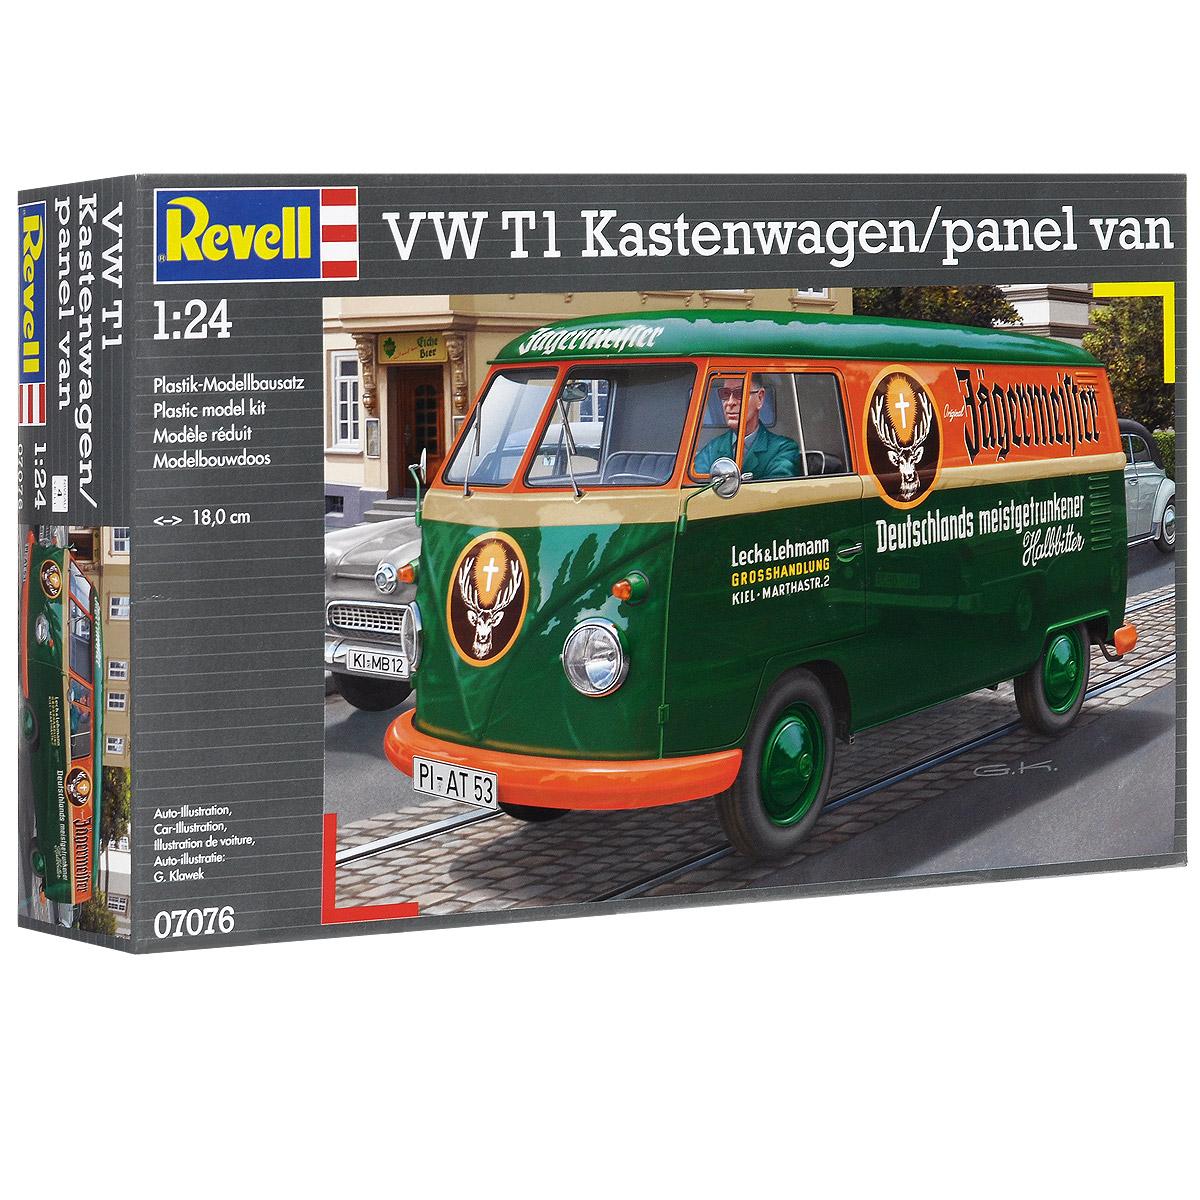 Сборная модель Revell Автомобиль VW T1 Kastenwagen/Panel Van07076Сборная модель Revell Автомобиль VW T1 Kastenwagen/Panel Van поможет вам и вашему ребенку придумать увлекательное занятие на долгое время. Набор включает в себя 124 пластиковых элемента, из которых можно собрать достоверную уменьшенную копию одноименной машины. Volkswagen T1 - автомобиль концерна Volkswagen, производившийся с 1950 по 1967 годы (по 1975 в Бразилии). Один из первых гражданских минивэнов. Автомобиль также стал лицом целой эпохи и, наряду со своим преемником T2, был очень популярен среди хиппи. Также в наборе схематичная инструкция по сборке. Процесс сборки развивает интеллектуальные и инструментальные способности, воображение и конструктивное мышление, а также прививает практические навыки работы со схемами и чертежами. Уровень сложности: 4. УВАЖАЕМЫЕ КЛИЕНТЫ! Обращаем ваше внимание на тот факт, что элементы для сборки не покрашены. Клей и краски в комплект не входят.